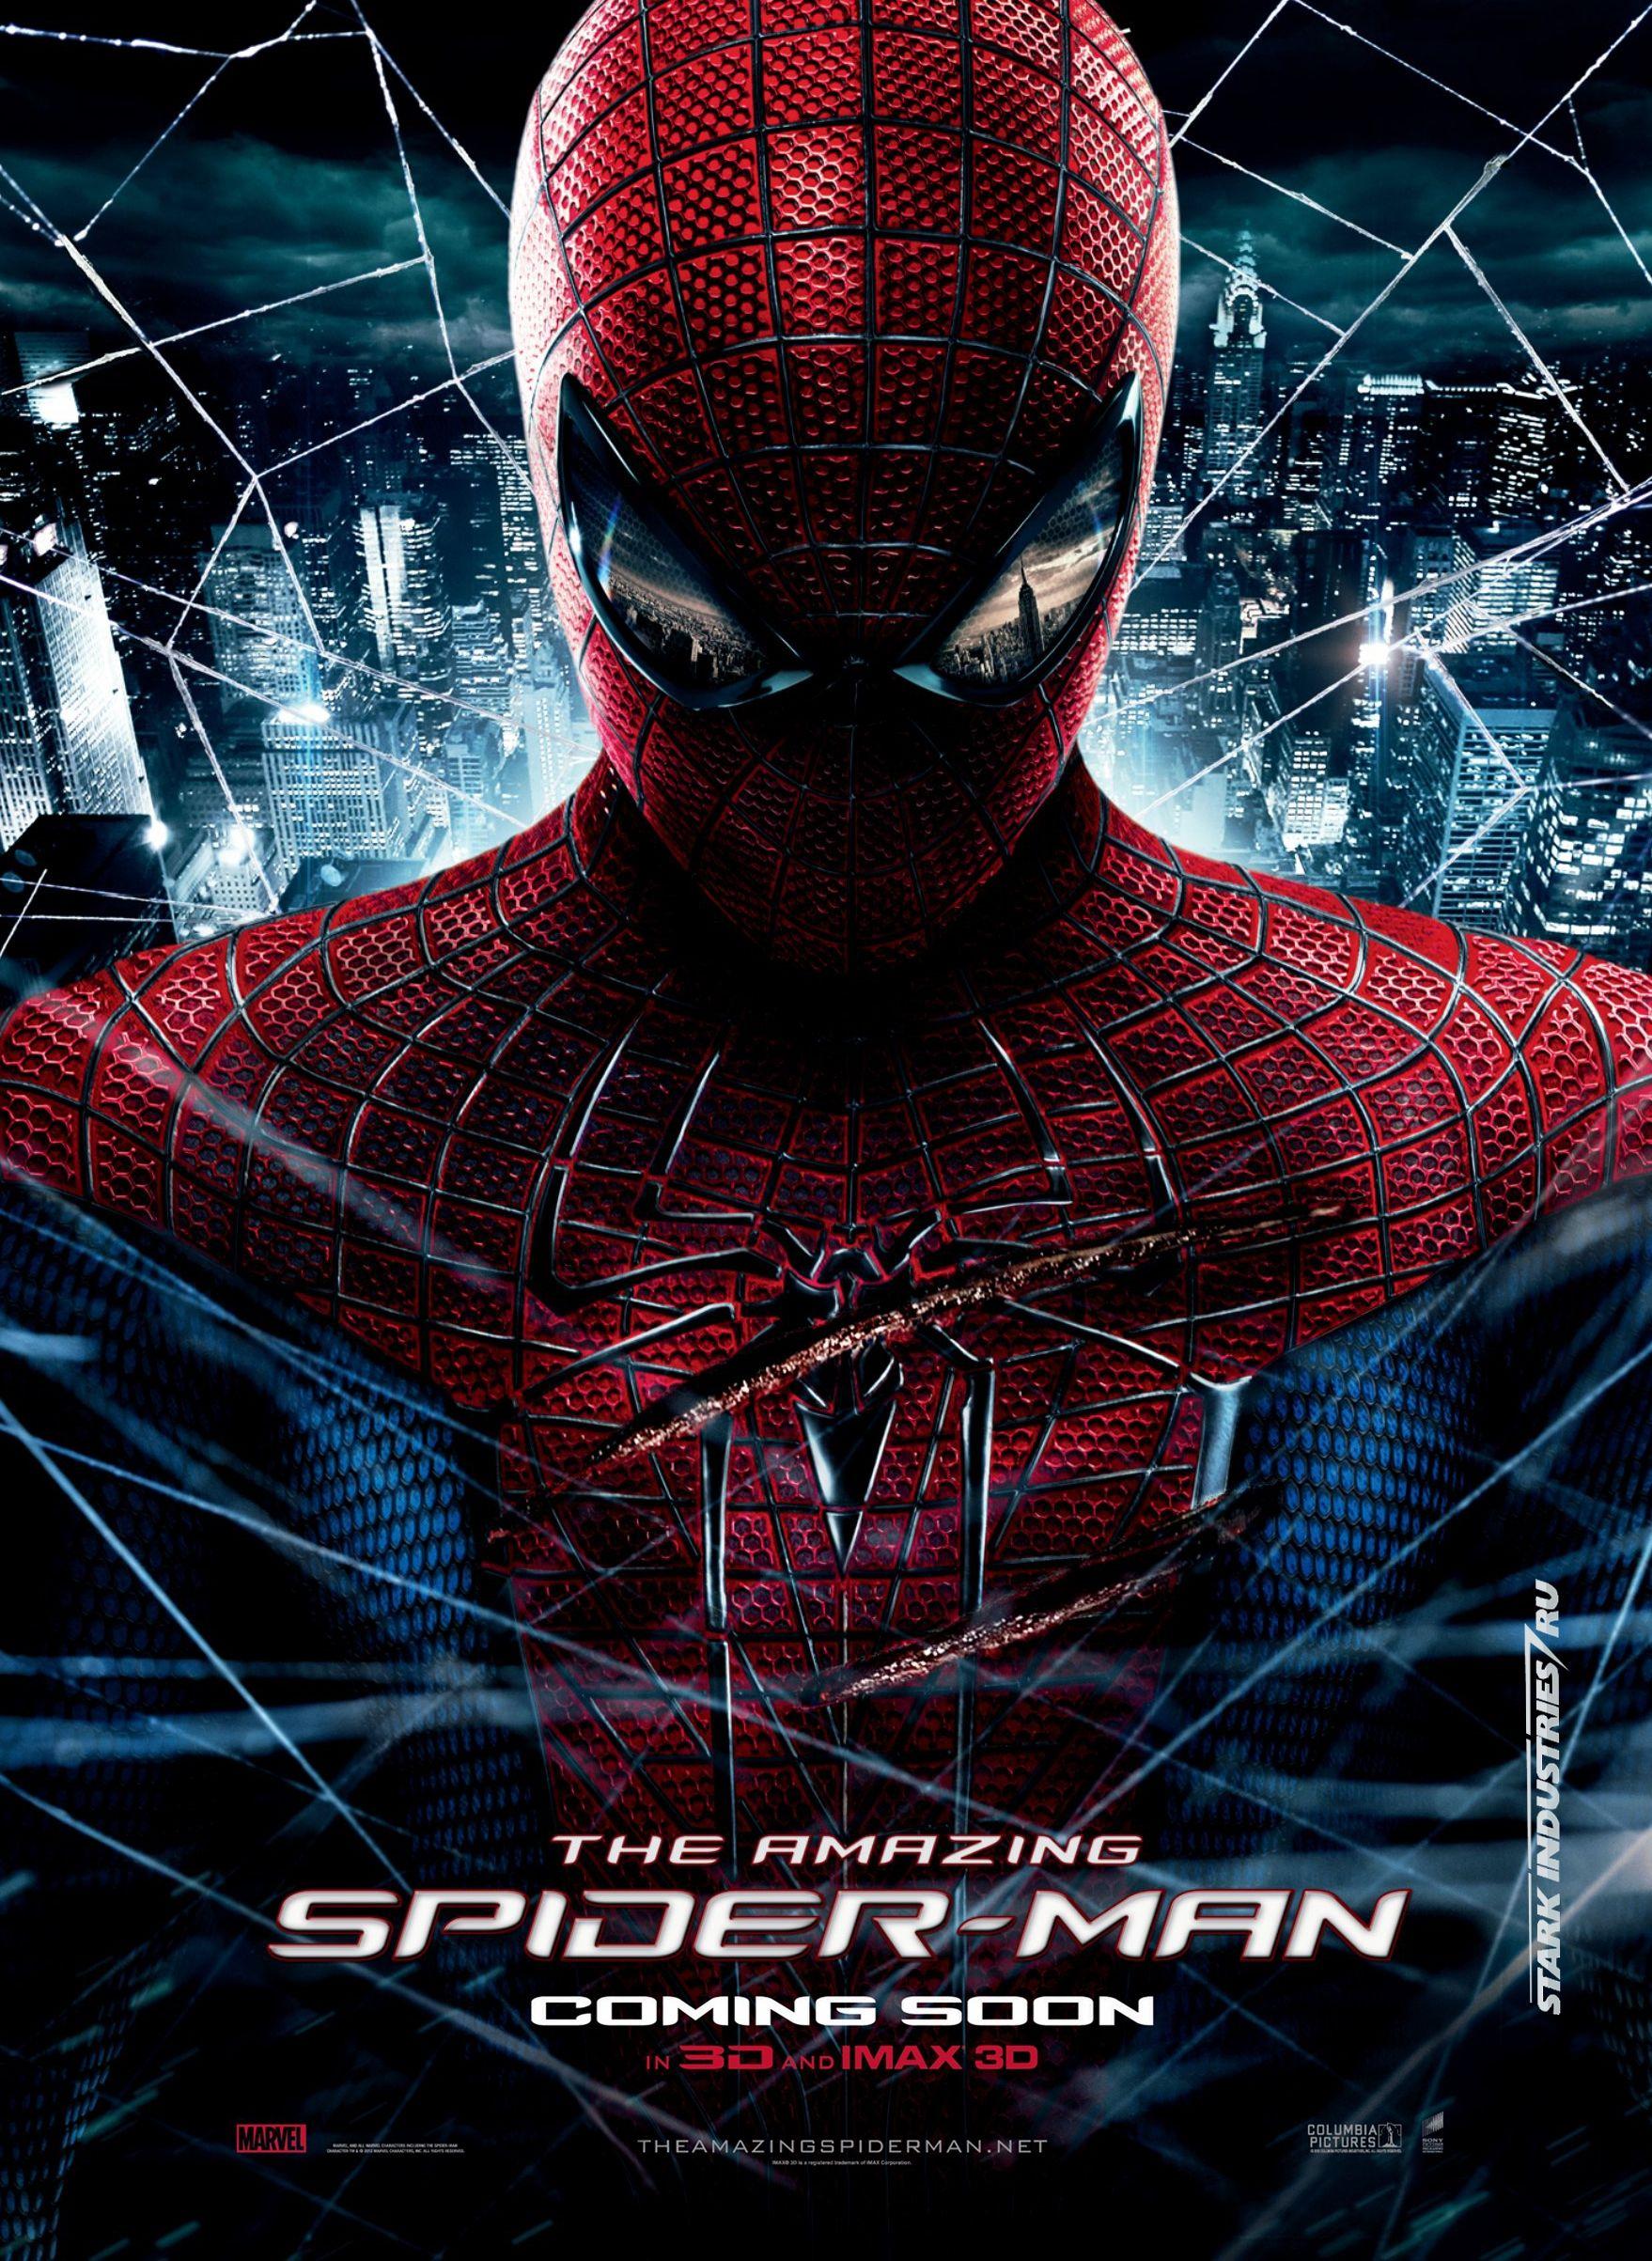 the amazing spider-man movie poster | collider